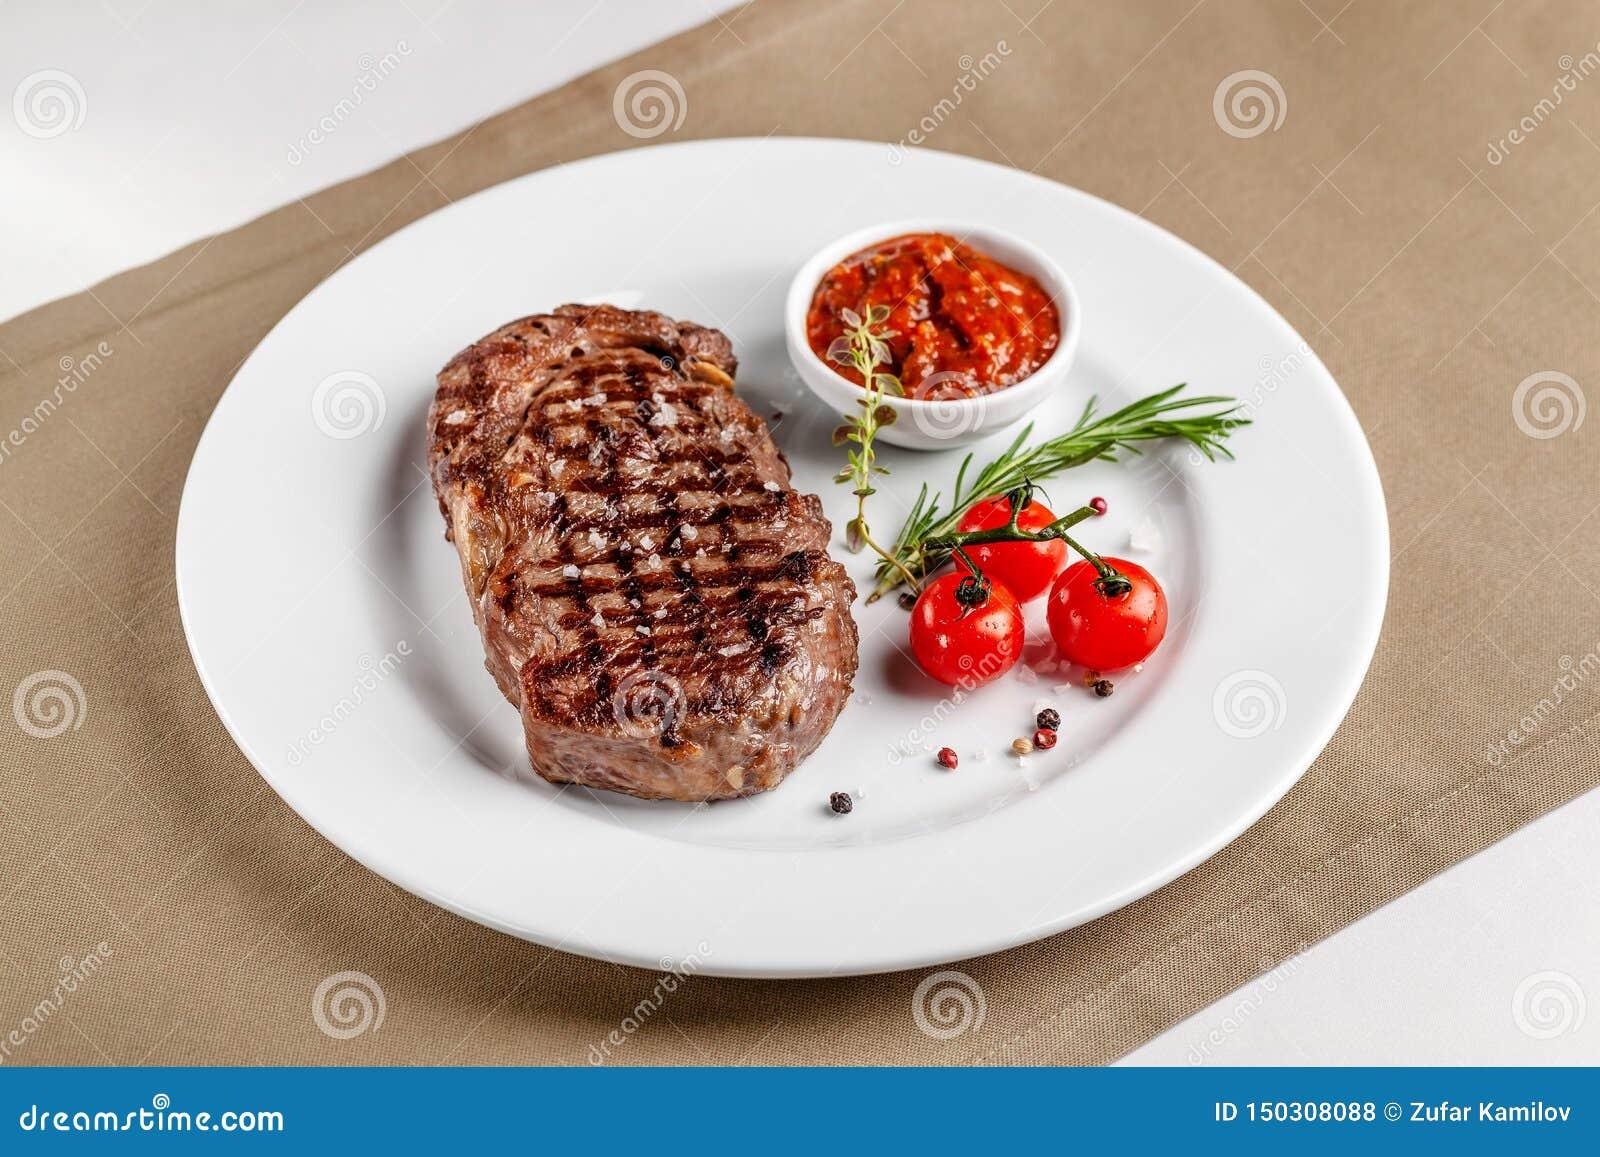 Amerikanische Kche Rindfleischsteak Mit Roter Bbq Tomatensauce Und Kirschtomaten Ein Glas K ...